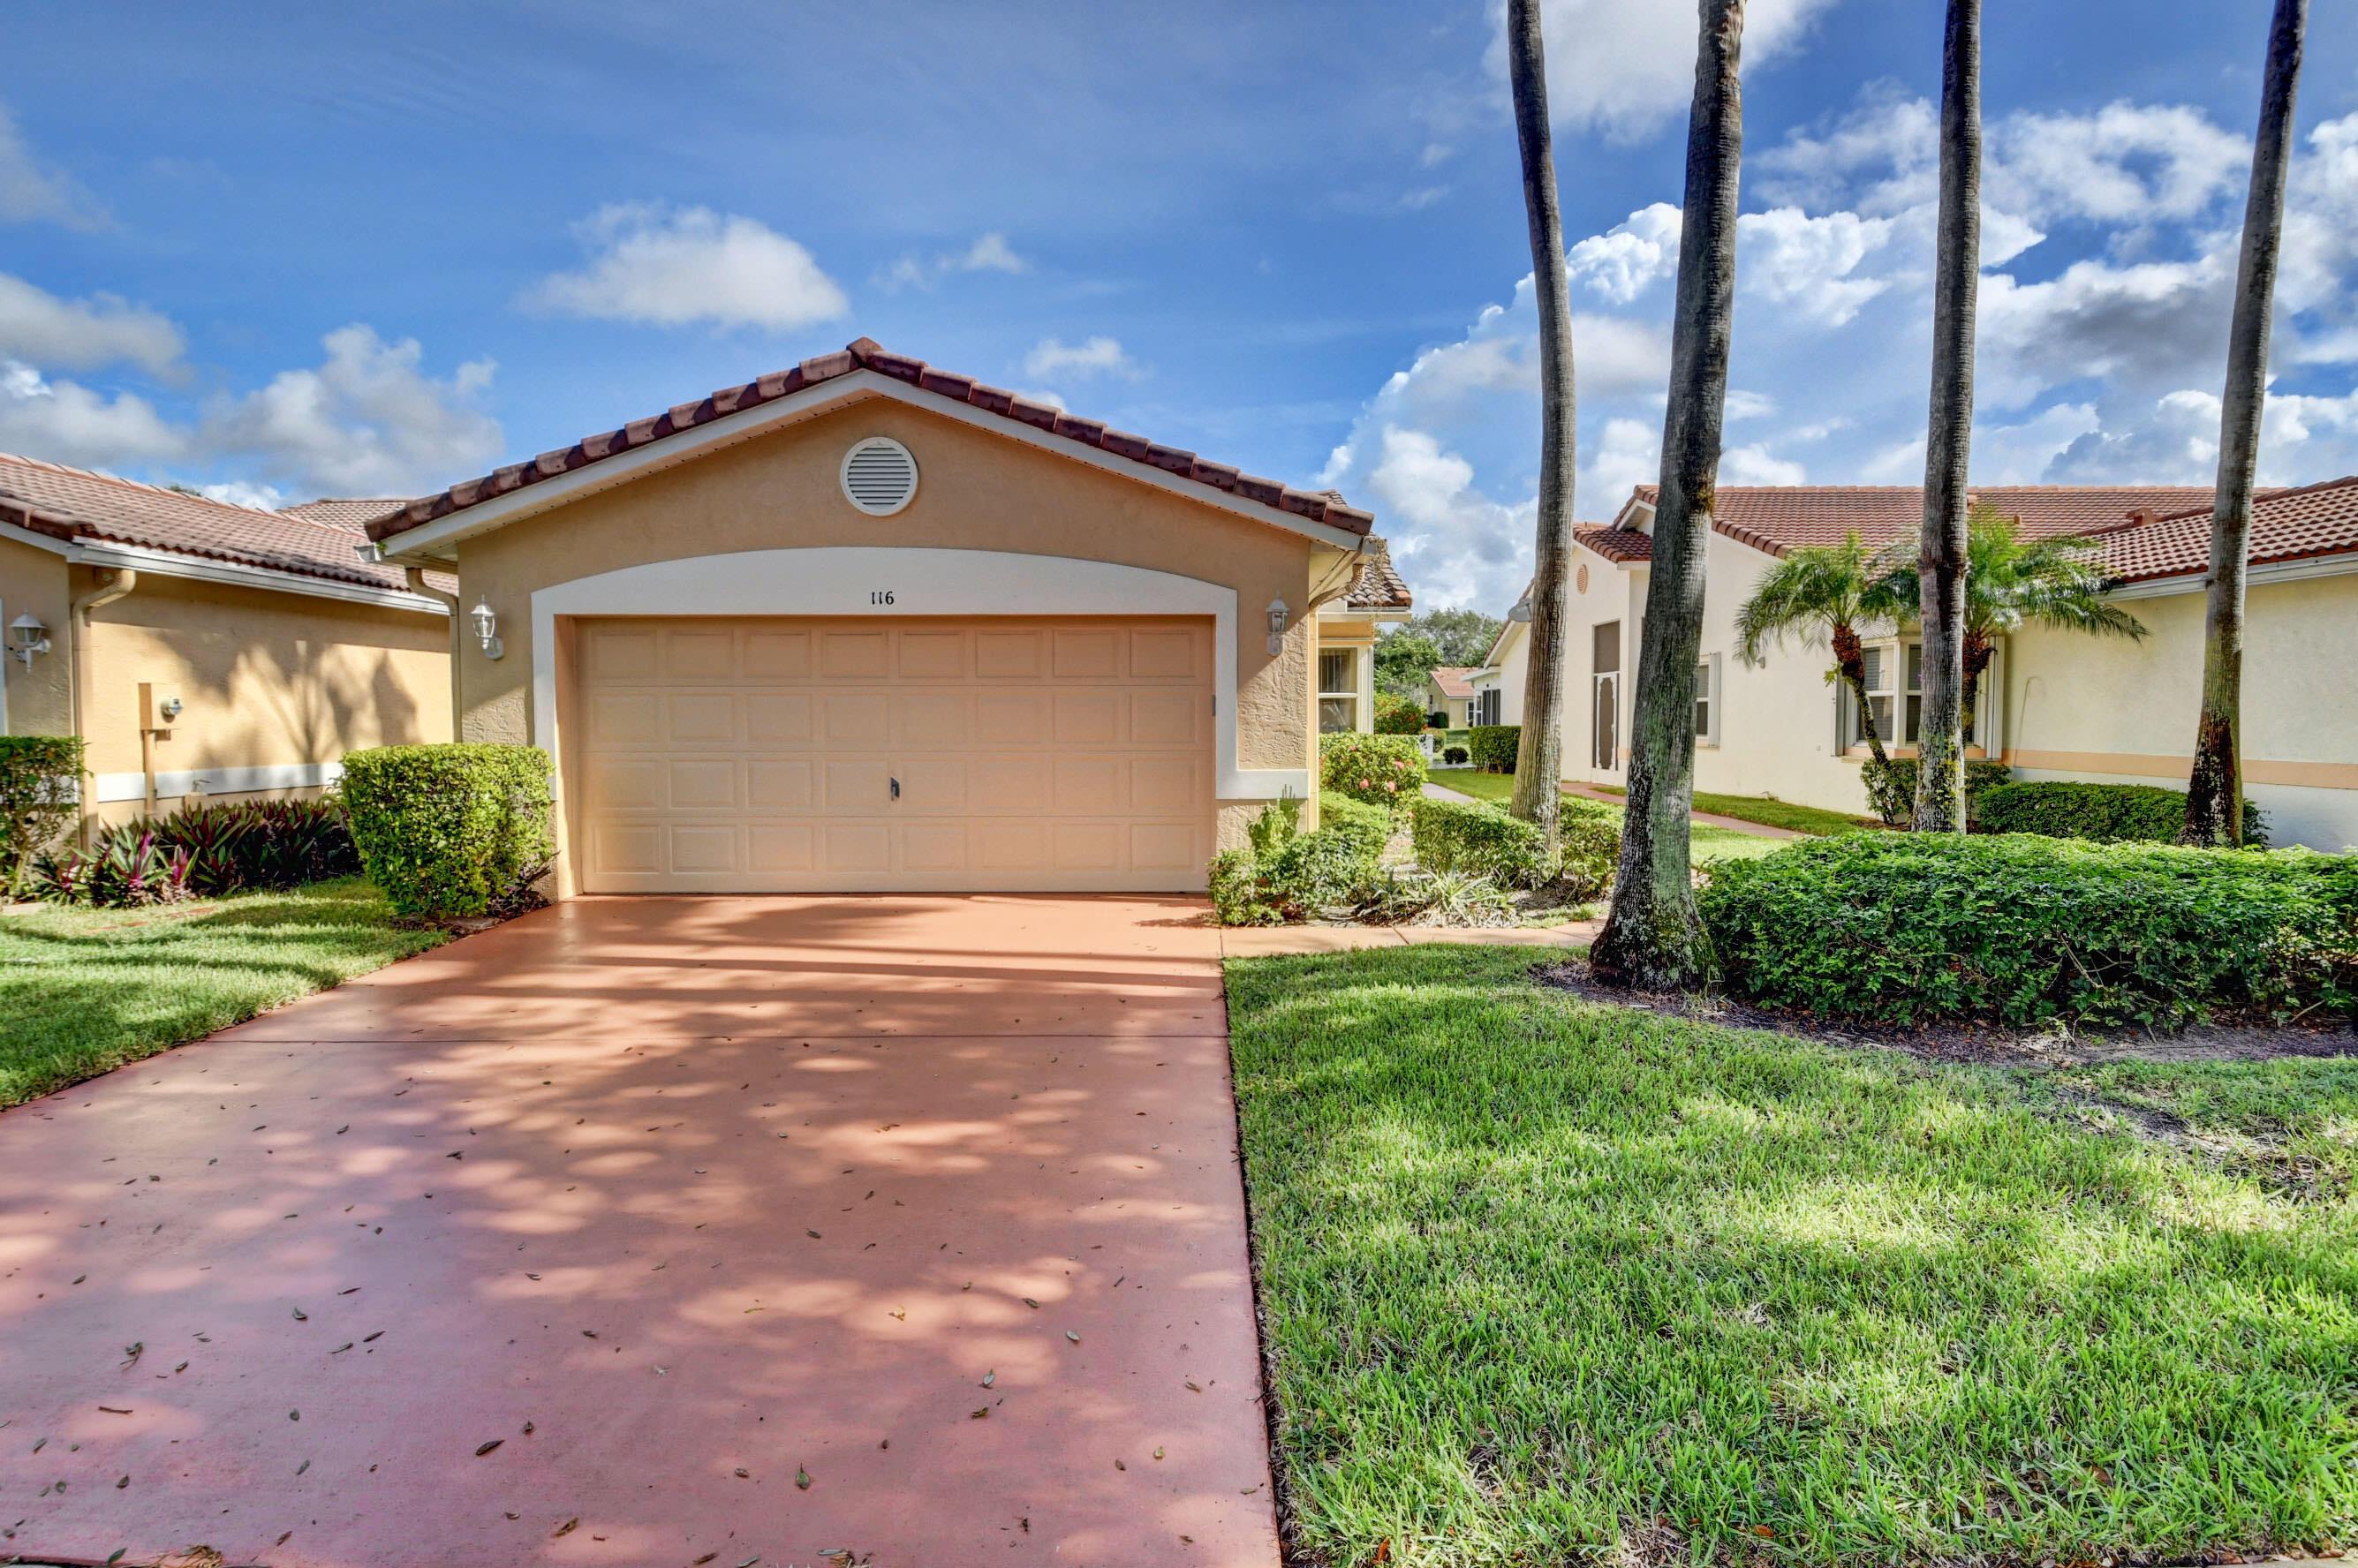 116 Sausalito Drive Boynton Beach, FL 33436